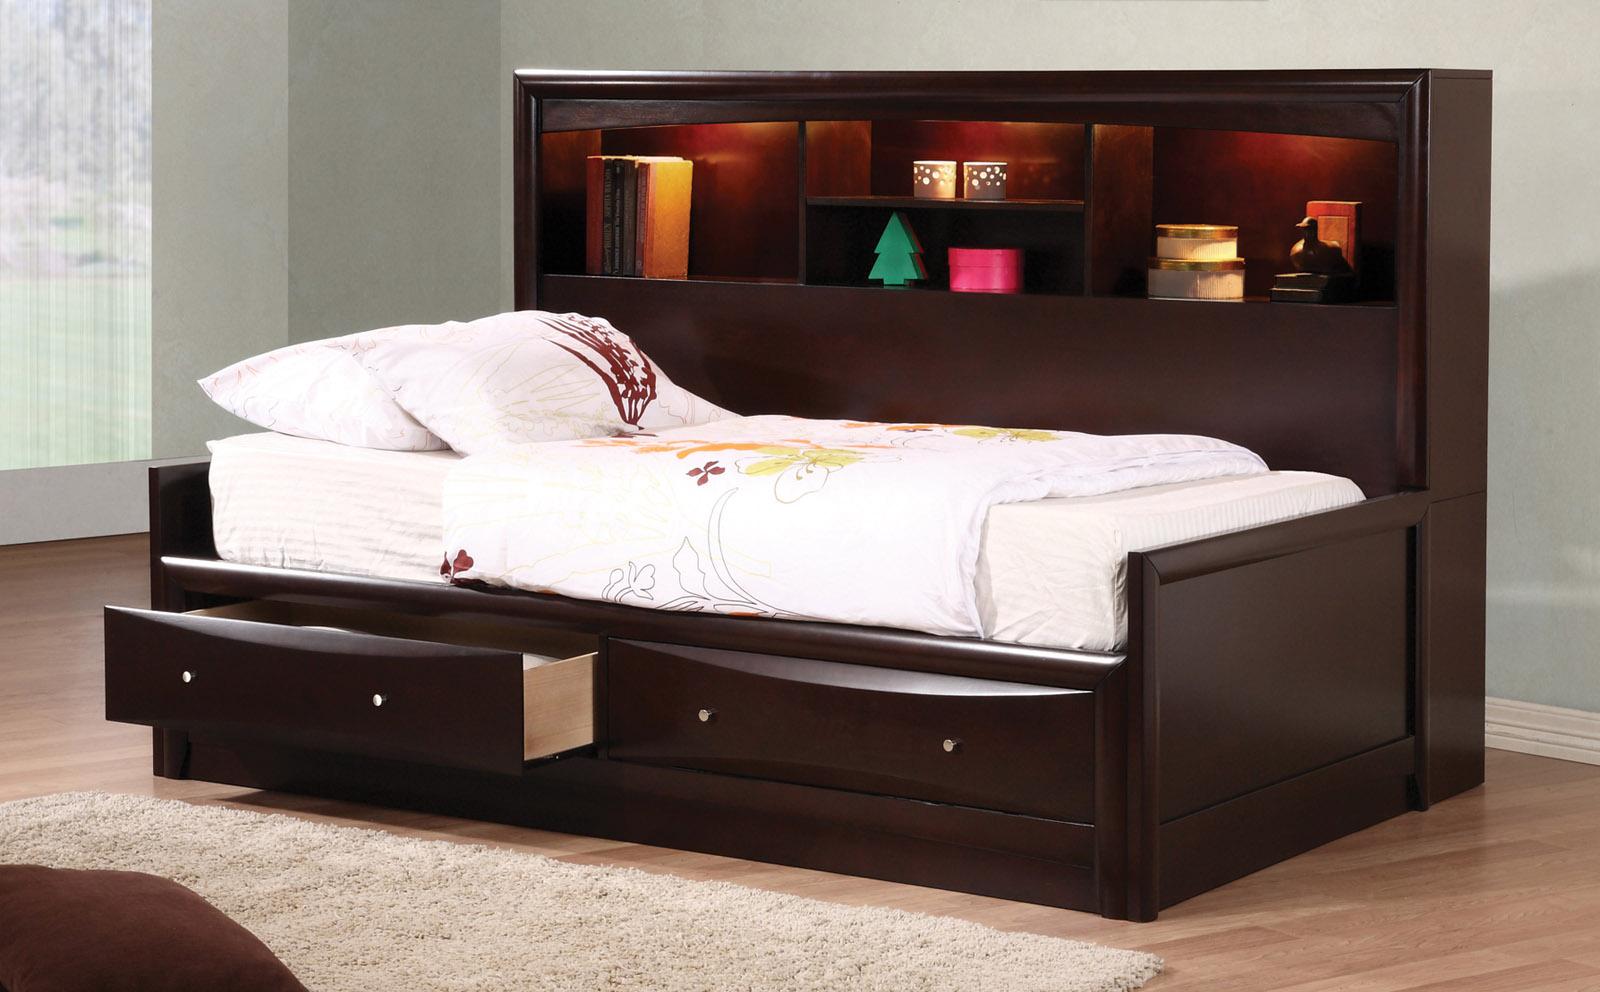 Kriterier for valg af seng til teenager